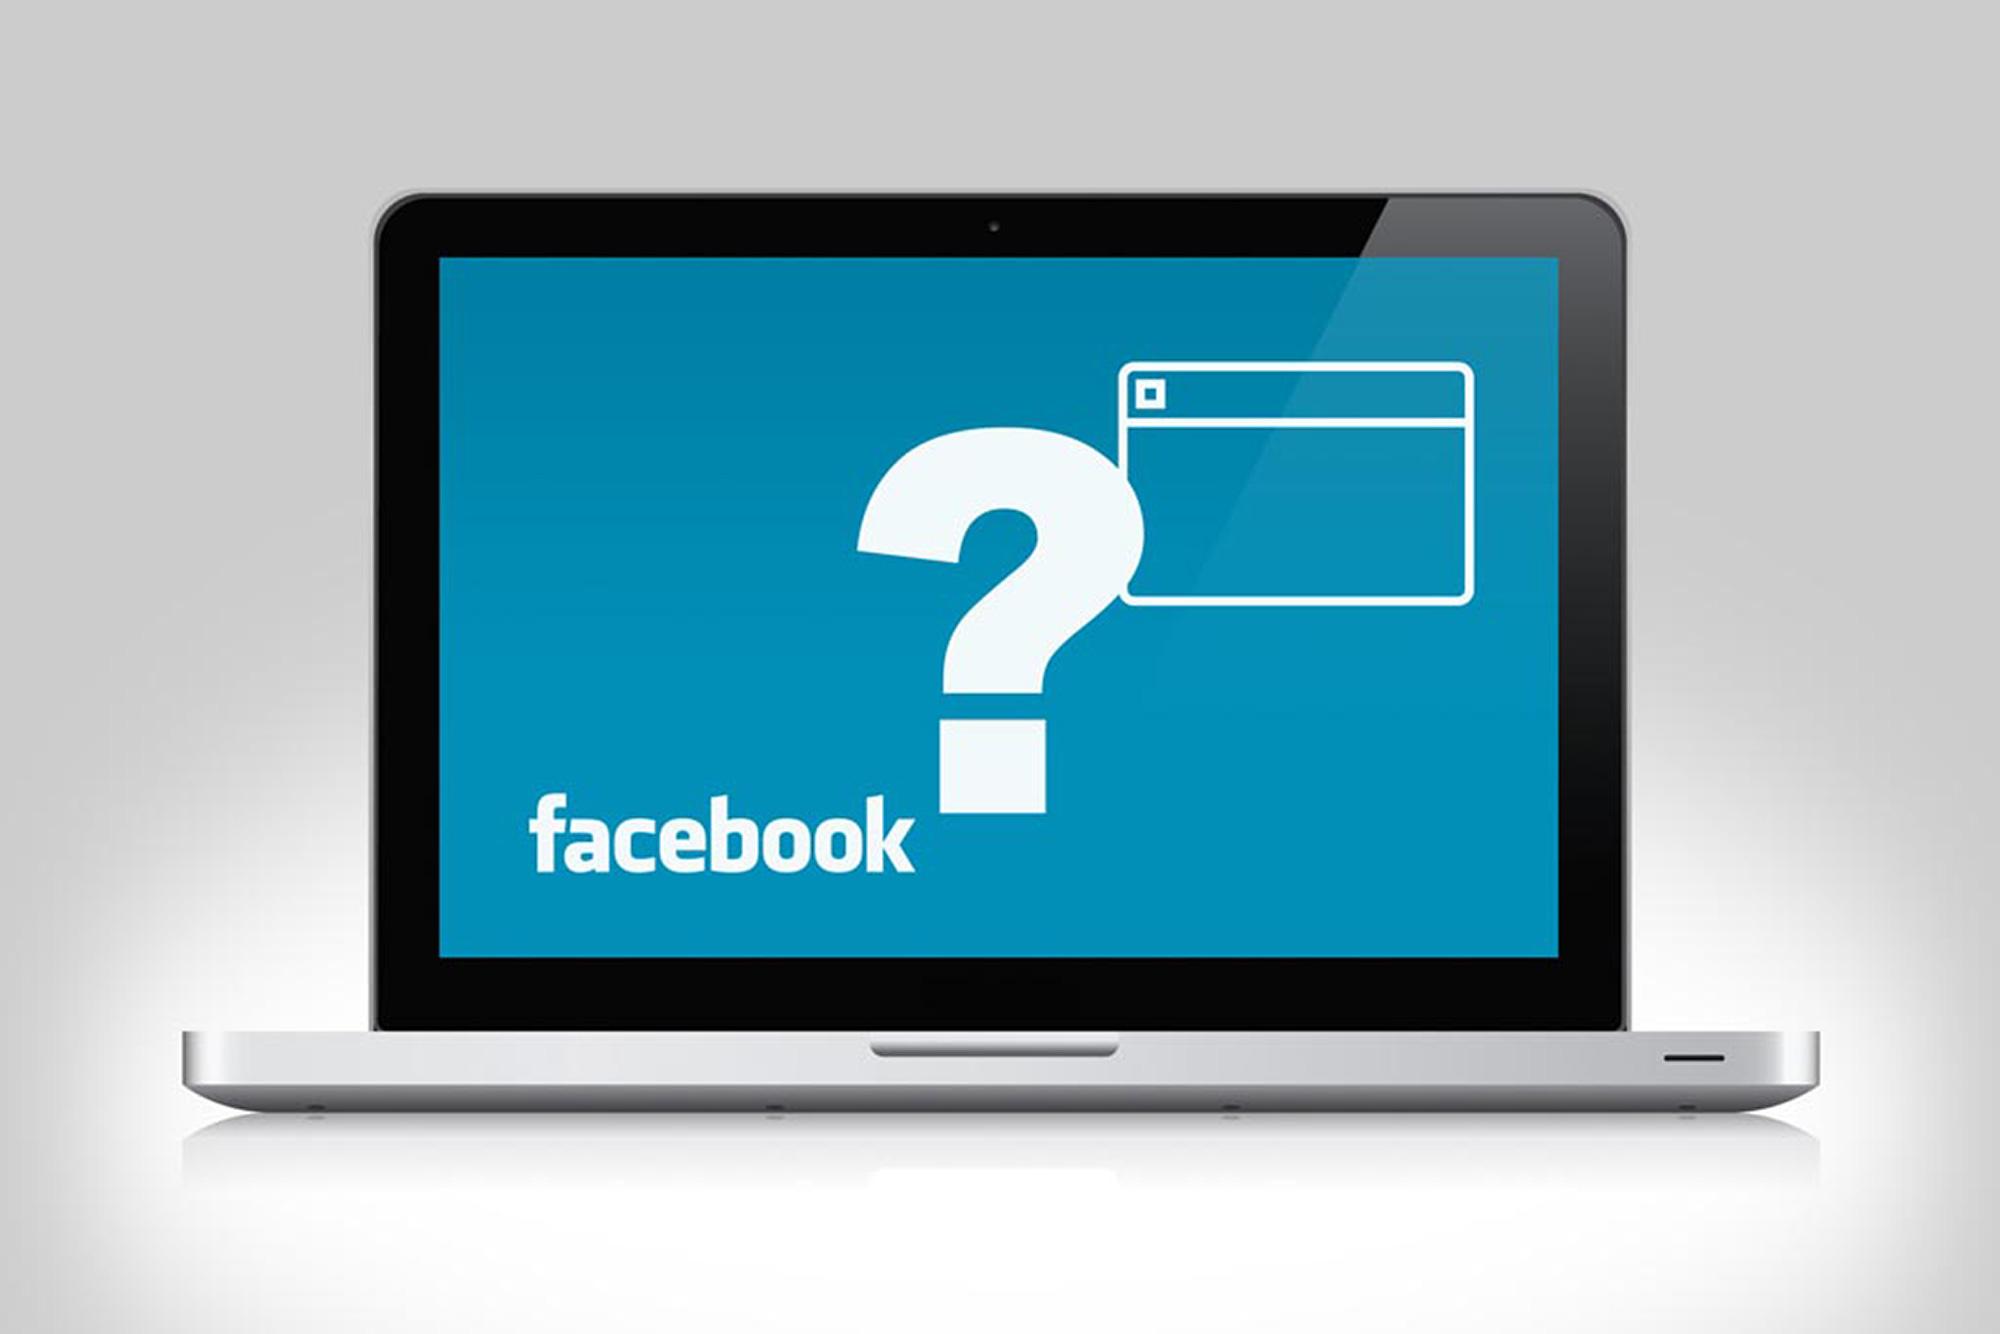 [經營臉書-網頁設計2、3事]- 已經擁有<Facebook臉書專頁>「台北網頁設計公司」推薦提供:響應式形象網頁設計、RWD品牌網站設計、SEO關鍵字優化、WordPress網站客製化與專業版型套版、網頁設計範例作品集、網頁設計步驟、公司數位轉型/網路購物開店/電商洽詢。活動ㄧ頁式網站架設、學校網頁設計、科技外銷貿易網頁設計、醫療美容生技醫美研究中心計畫網站、大學系所網頁設計、藝廊網頁設計、餐廳網頁設計。客戶觸及台中,台南,高雄,北台灣(桃園,新竹,台北)。「如何規劃建置高評價形象網站?報價單、價格、收費、費用歡迎聯繫。」